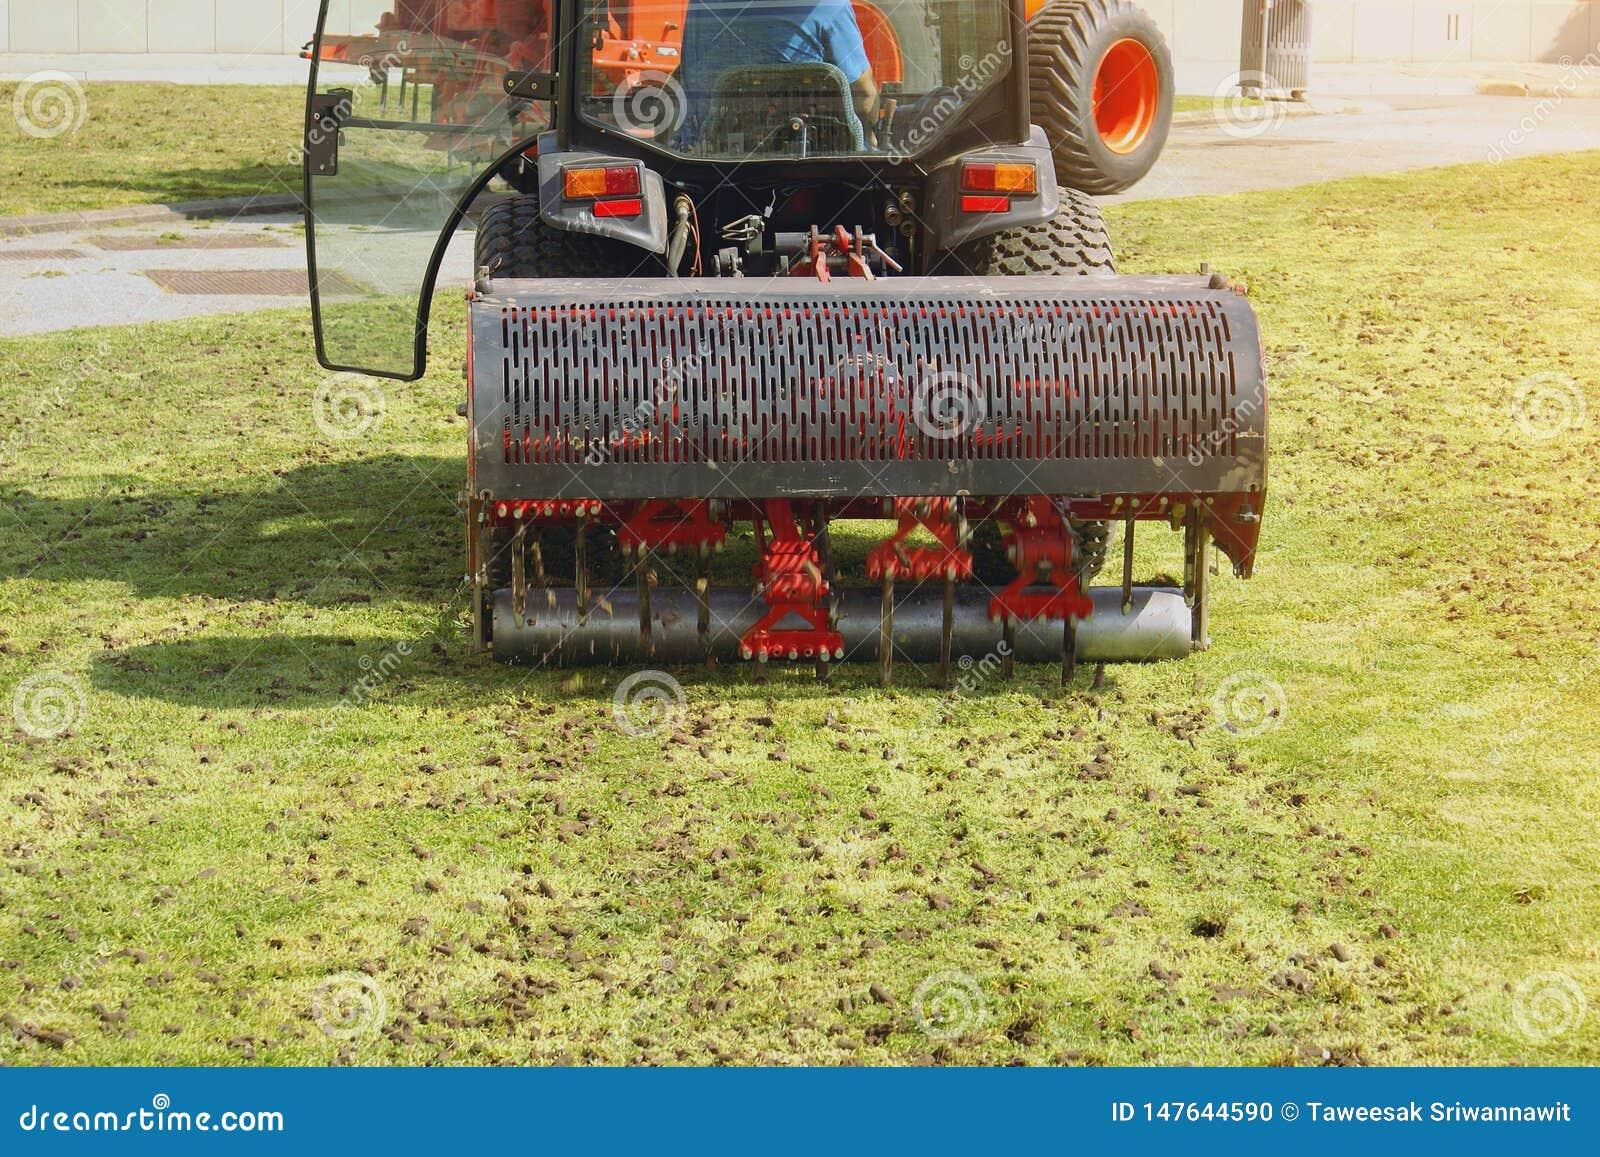 G?rtner-Operating Soil Aerations-Maschine auf Gras-Rasen